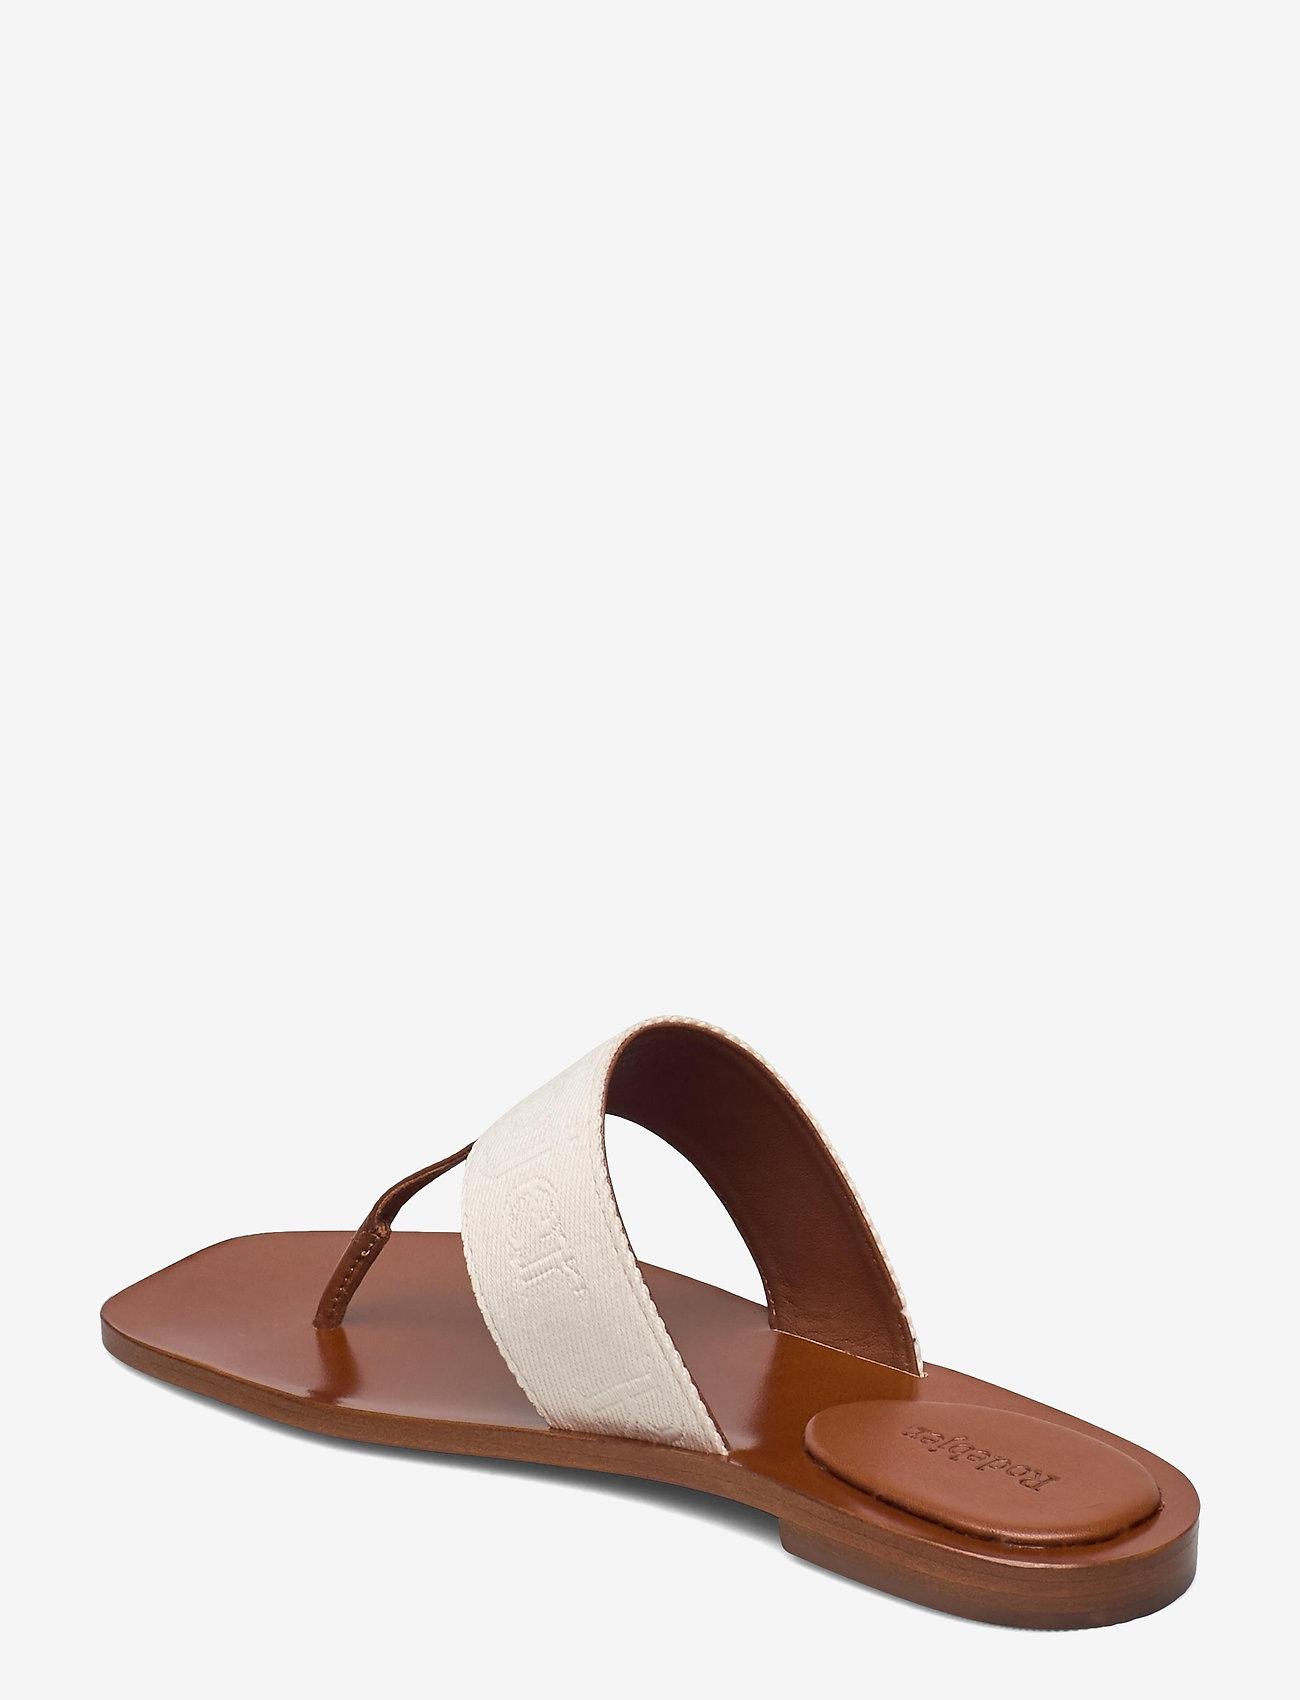 RODEBJER - RODEBJER ROZA - flade sandaler - hazel - 2